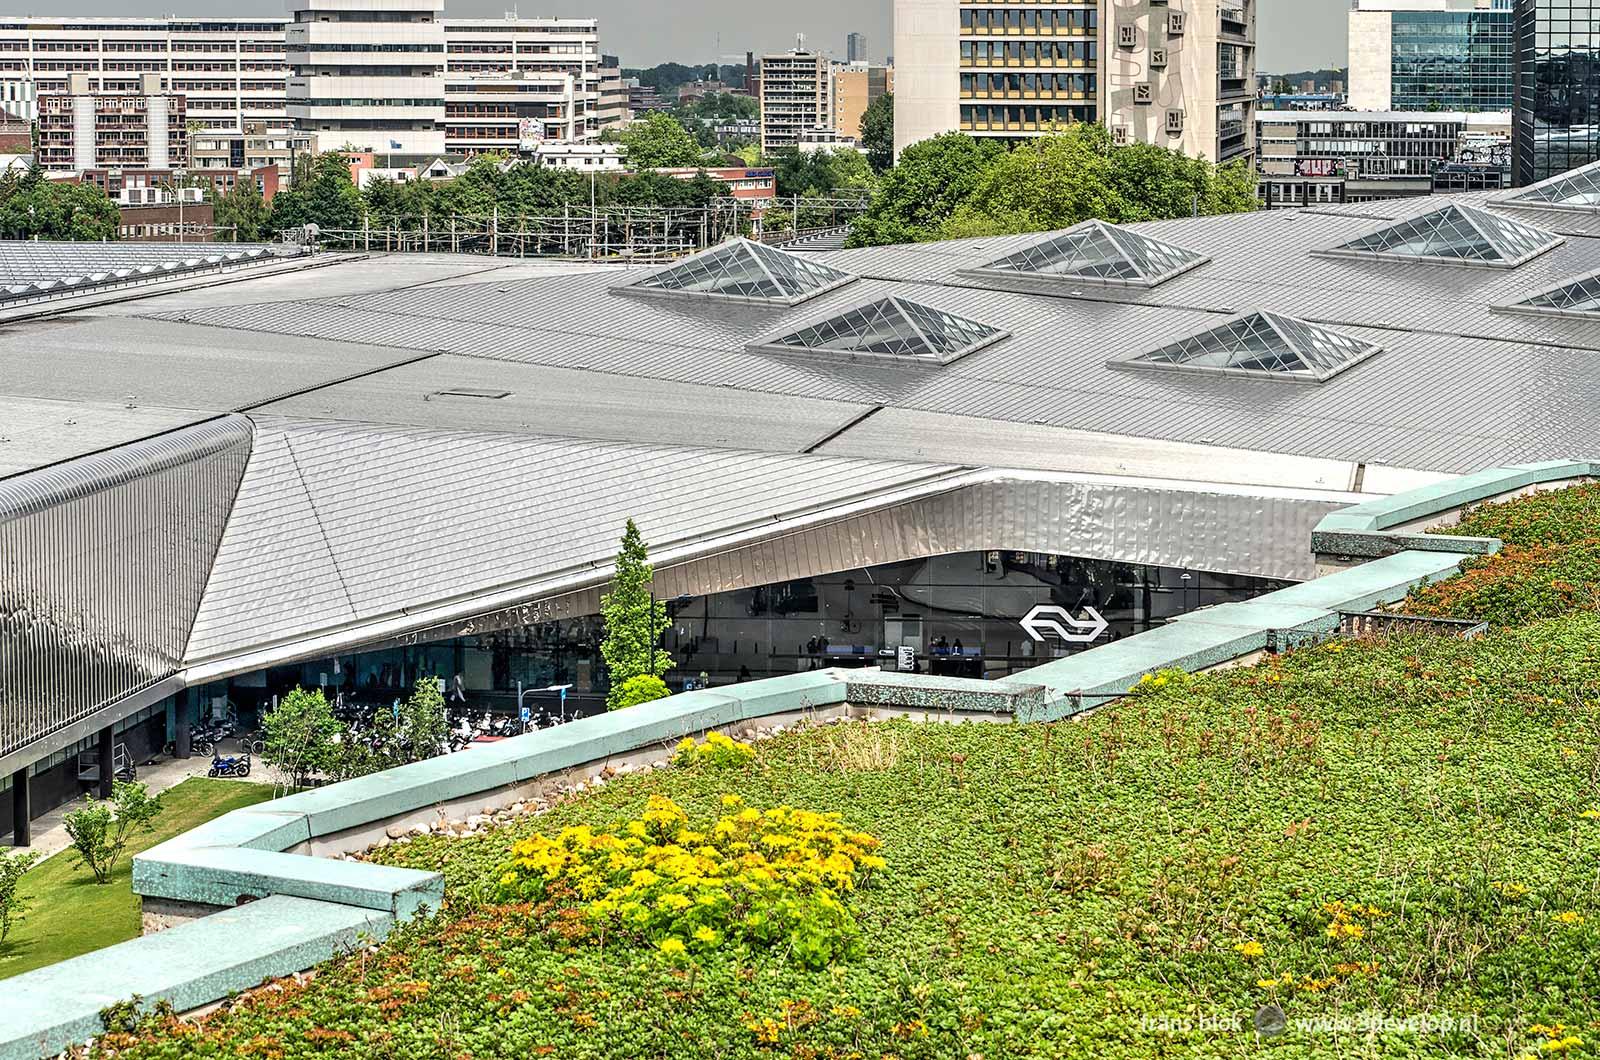 Het roestvrijstalen dak van het Centraal Station in Rotterdam gezien vanaf het dak van het Groothandelsgebouw